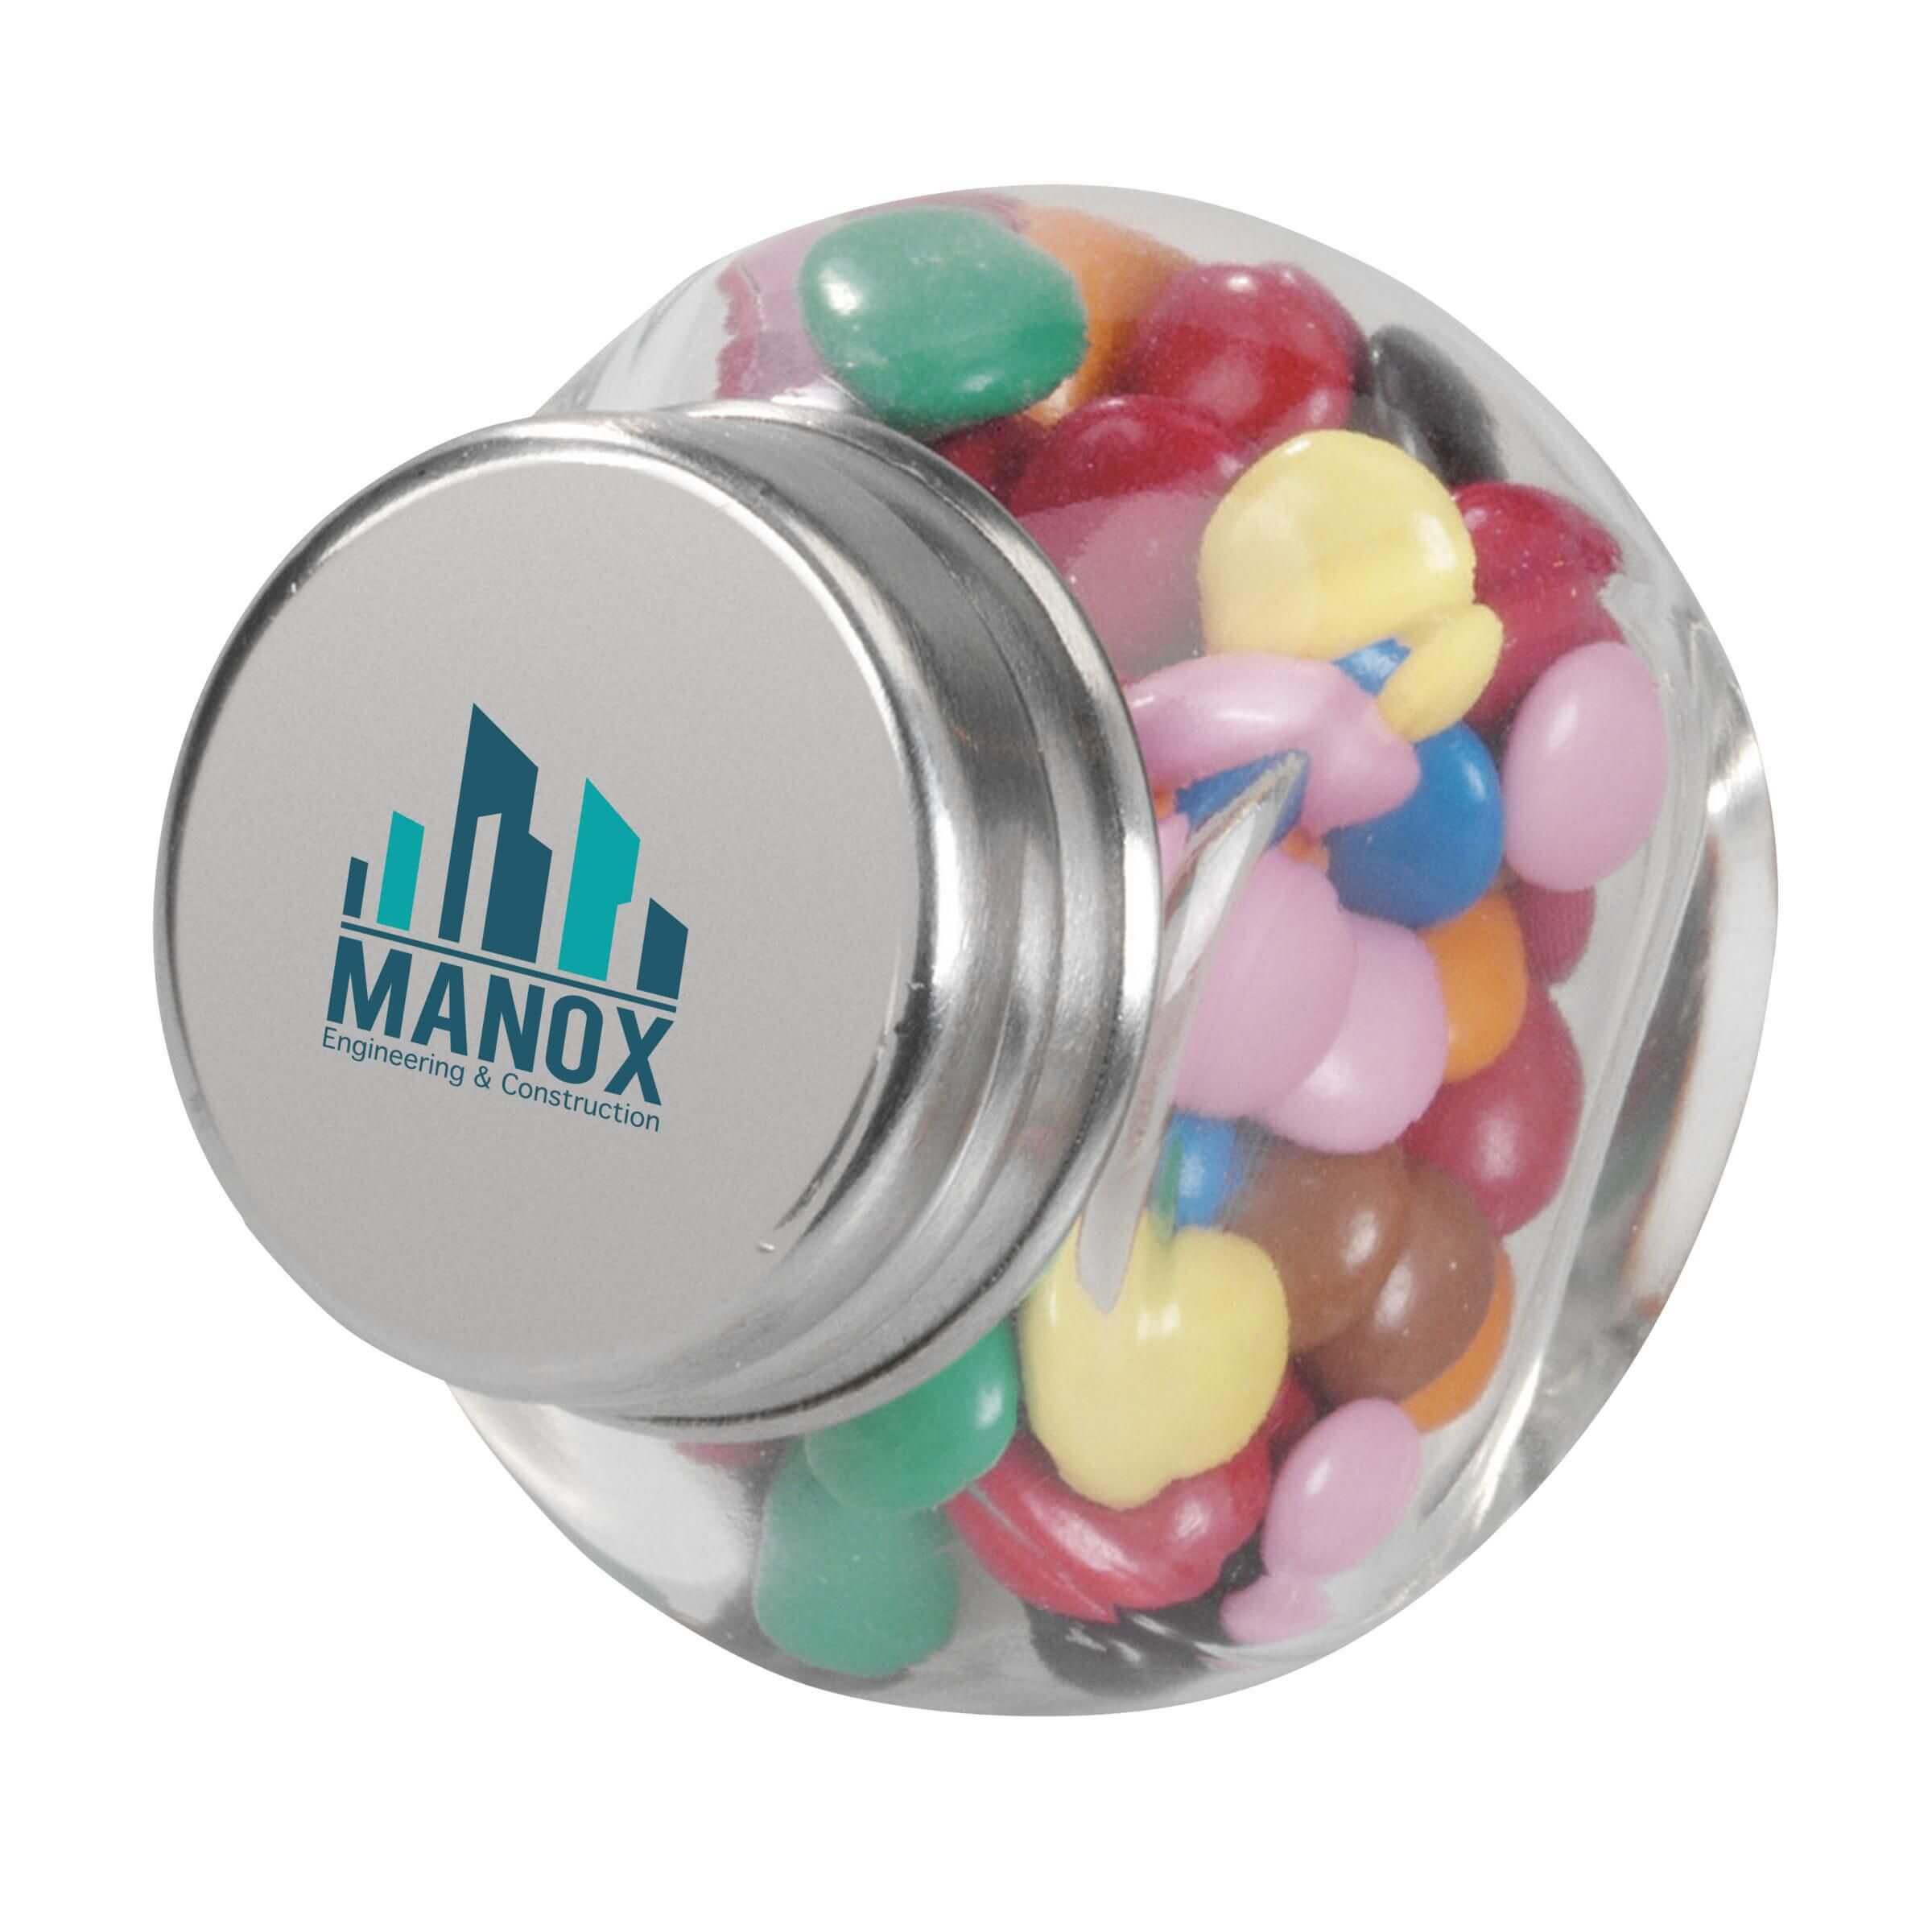 Afbeelding van 100 st. MiniCandy relatiegeschenk in 12 dagen bedrukken snoep